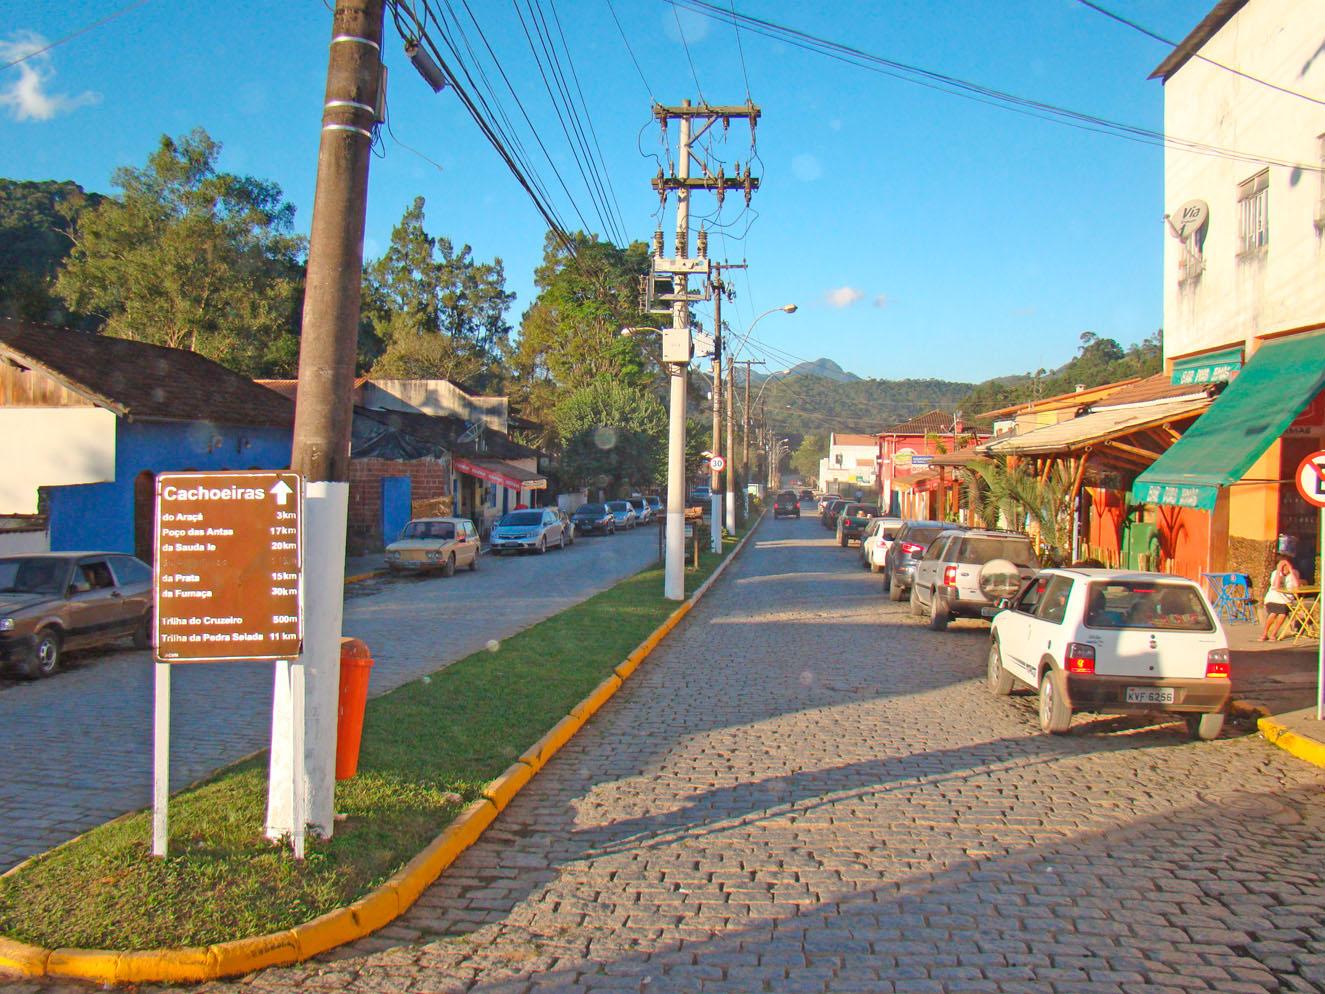 04365d4e4565 Turismo - Vila de Visconde de Mauá - Aldebaran Pousada - Visconde de Mauá-RJ